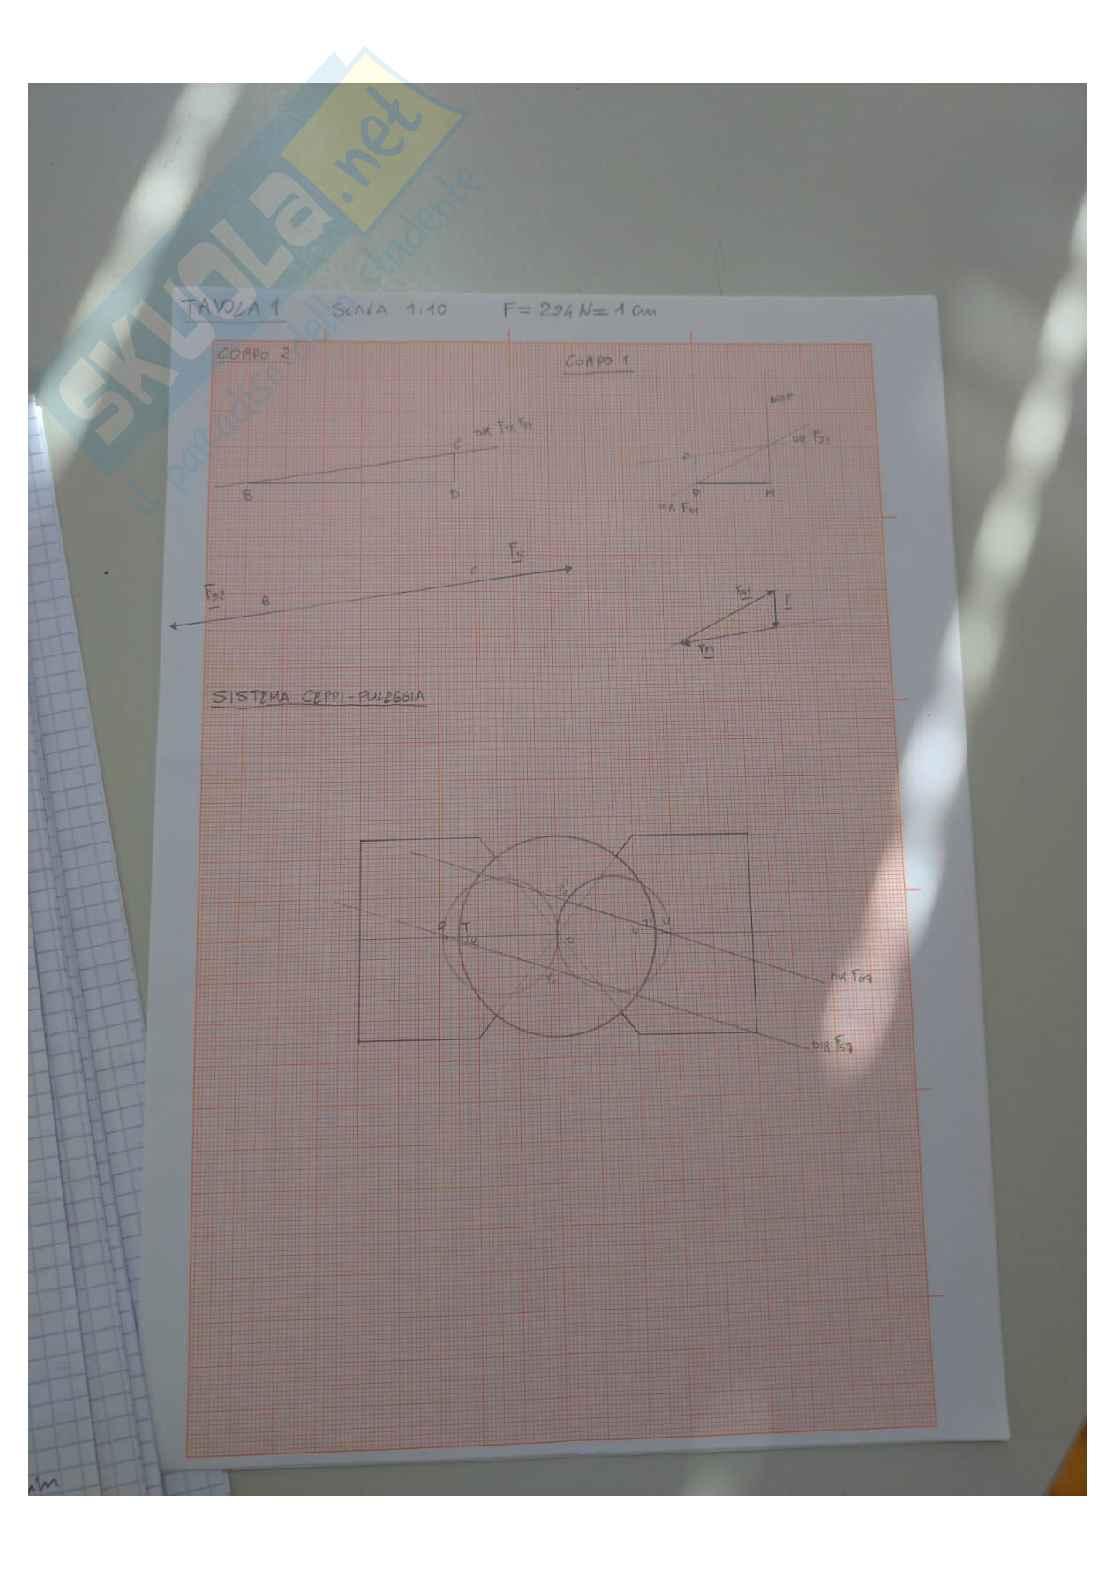 Tavole del Laboratorio di Meccanica applicata complete Pag. 6